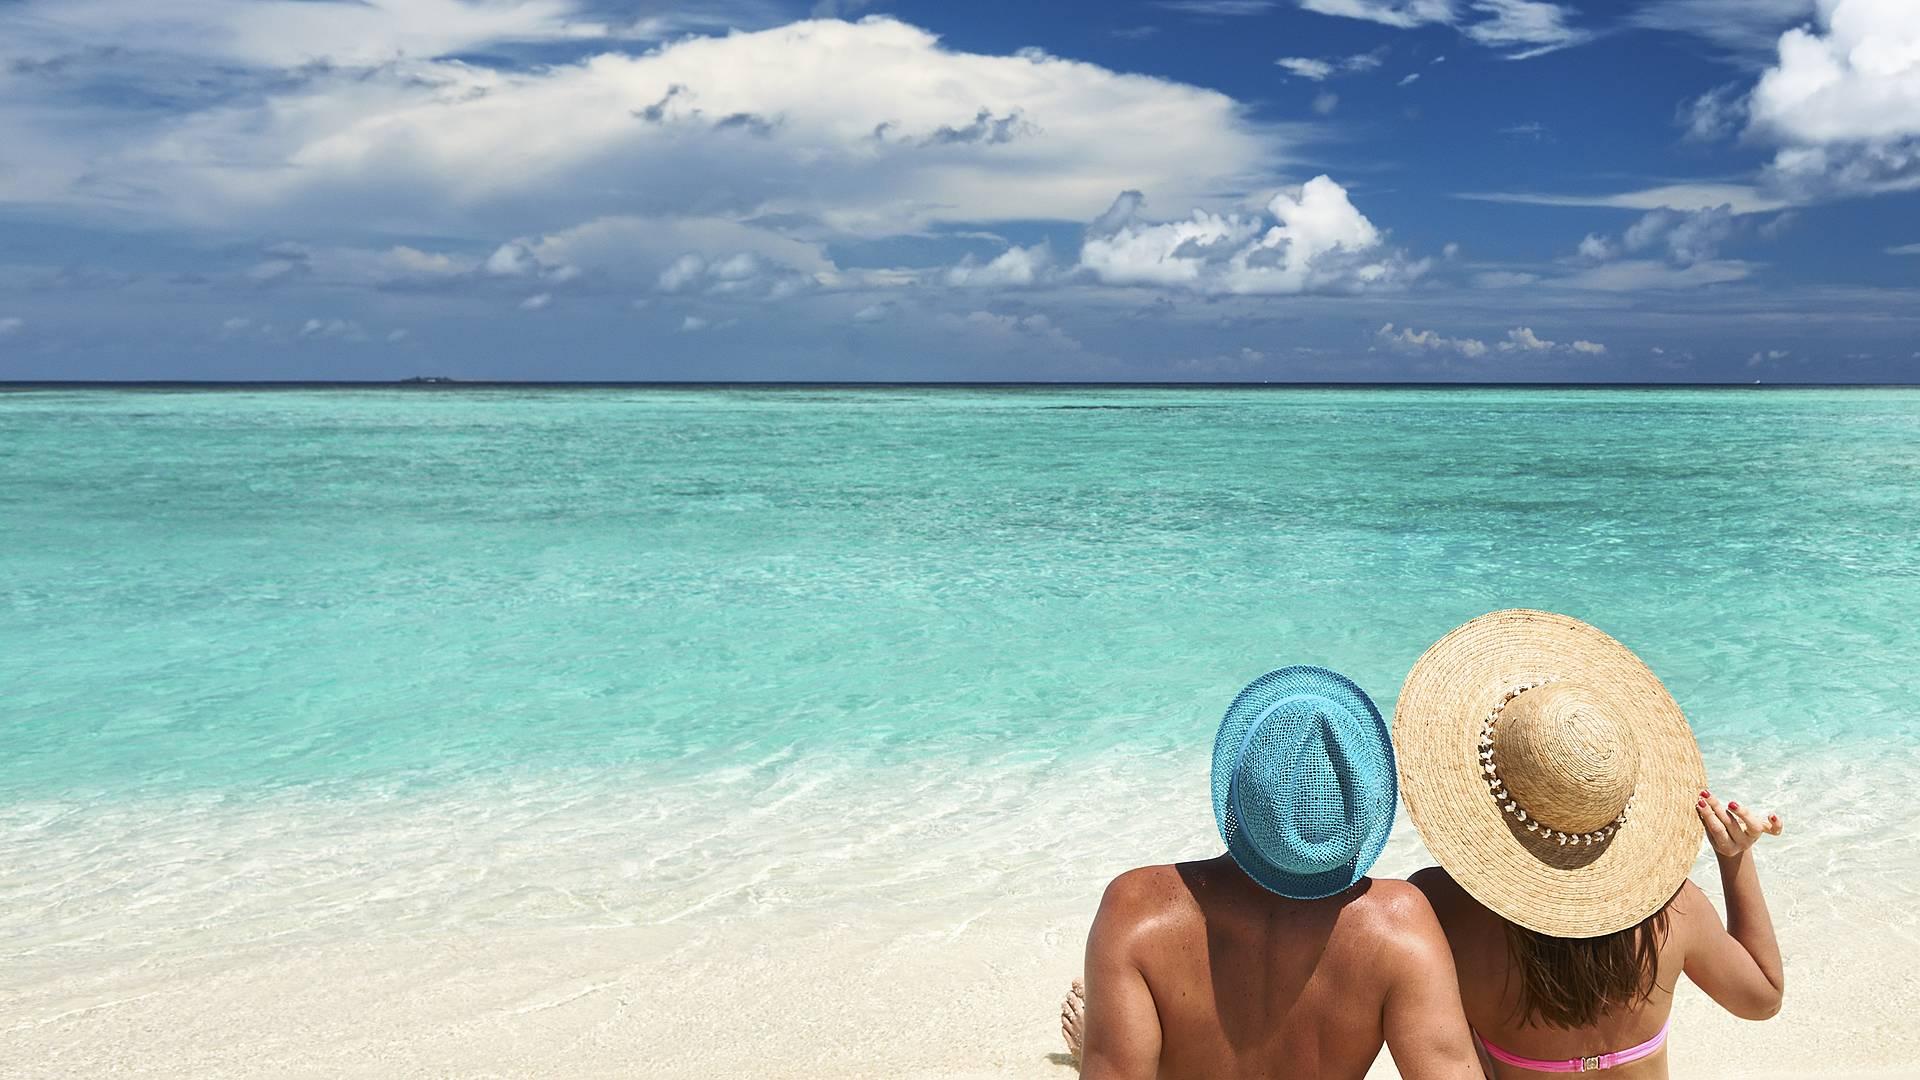 Luna de Miel : Norte de Vietnam y relax en Maldivas